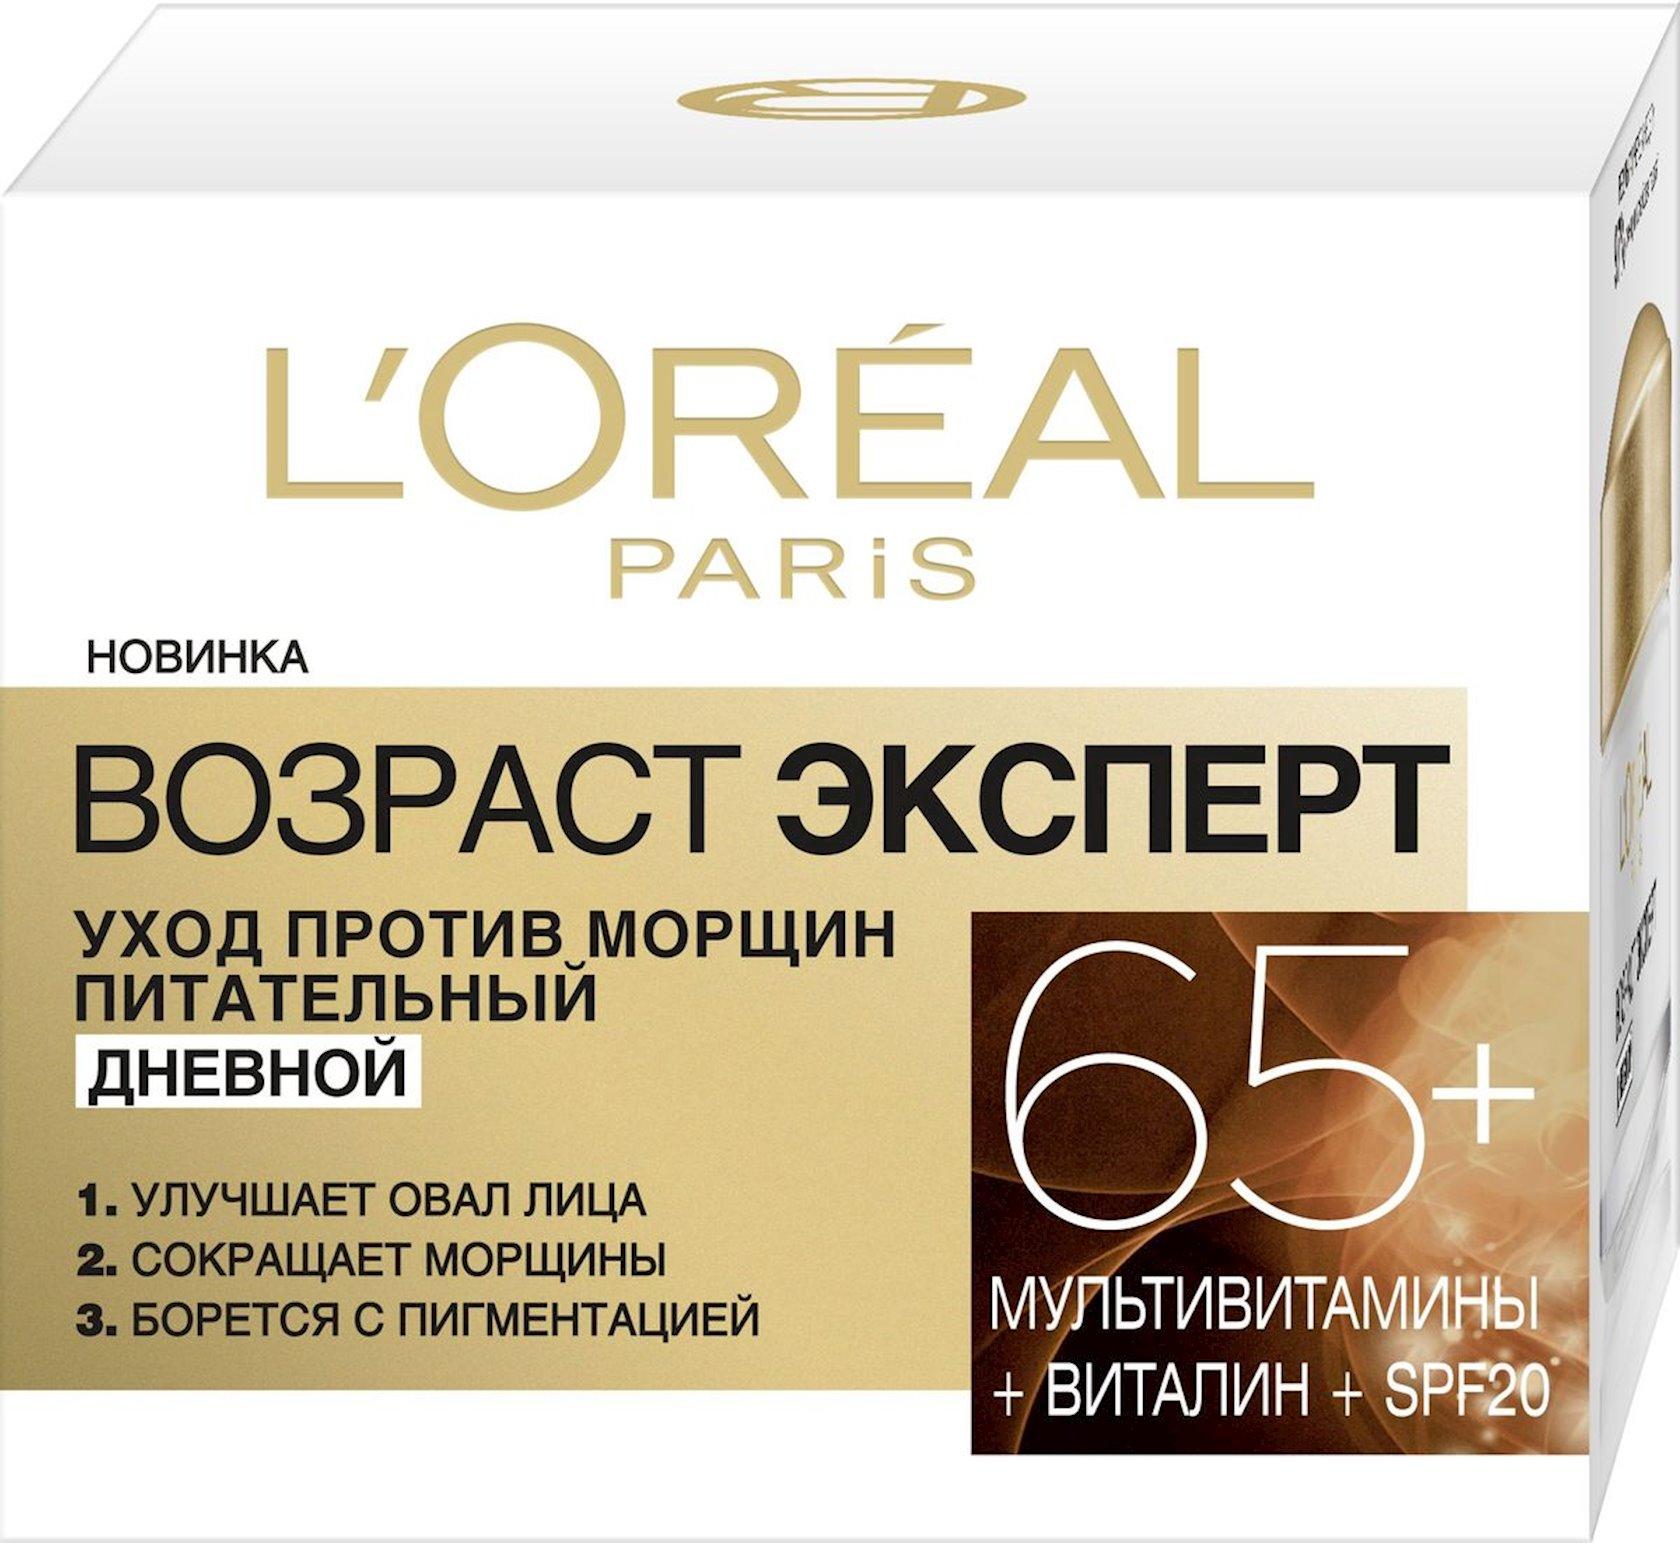 Крем для лица дневной L'Oreal Paris Возраст Эксперт 65+, против морщин, питательный, SPF 20, 50 мл